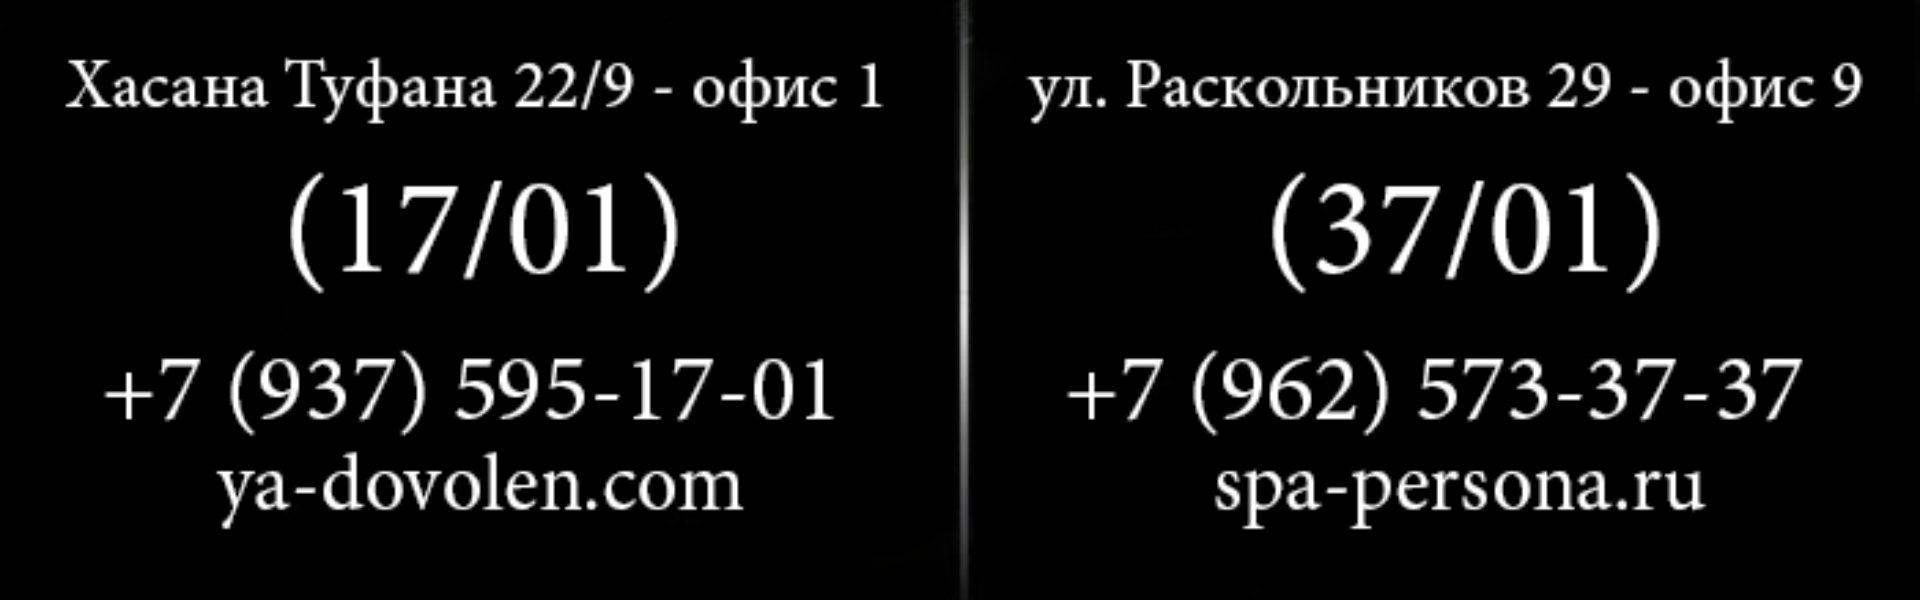 +7 (937) 578-78-77 Эротический массаж Набережные Челны, массаж челны,